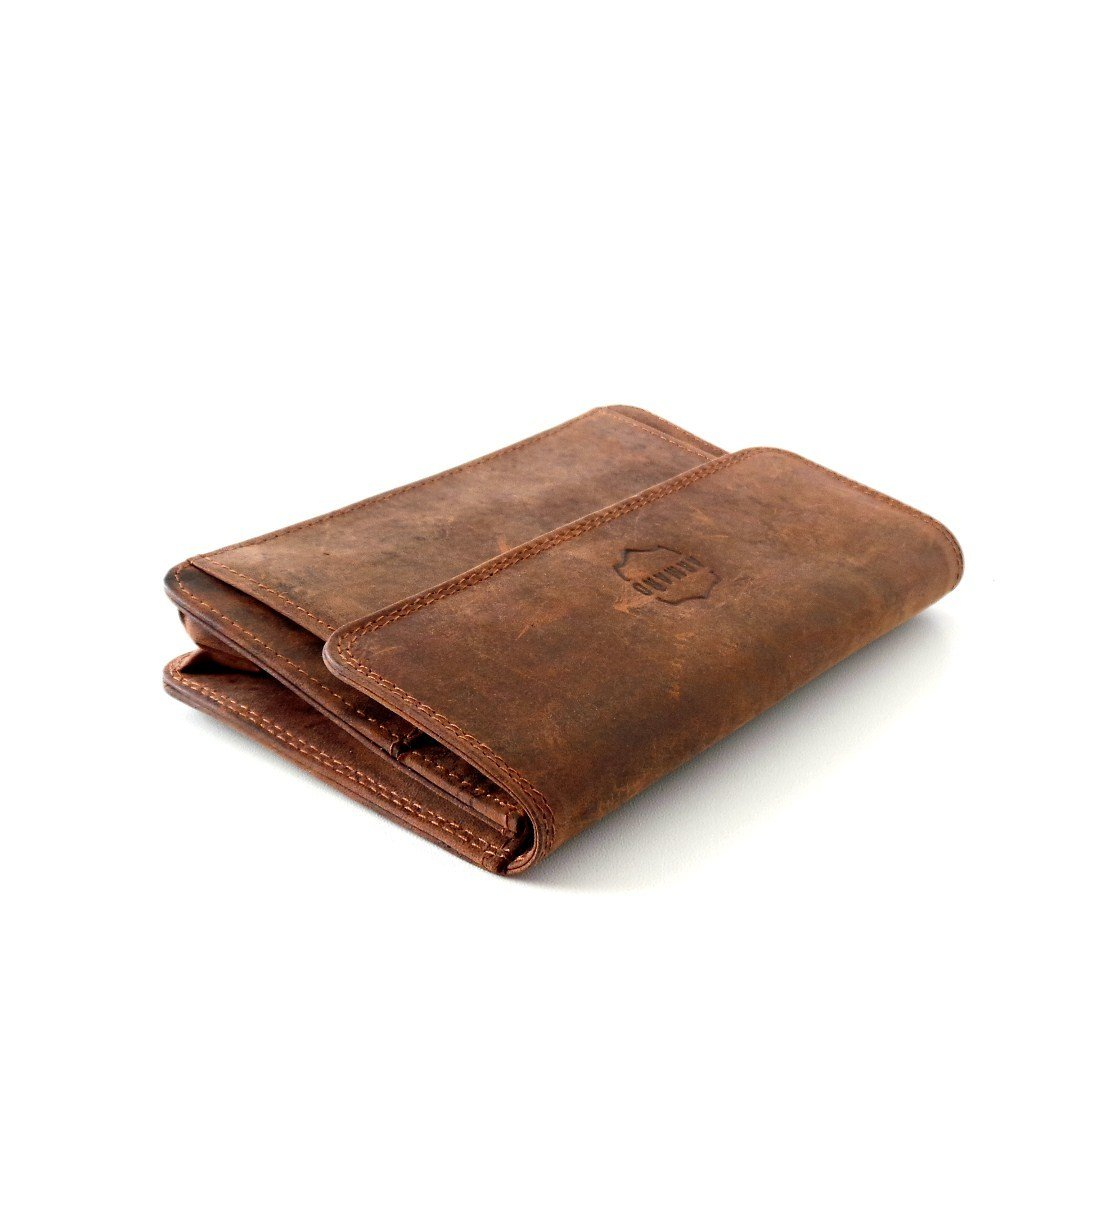 Porte-documents en Cuir de Vachette Vintage Huilé #CHV037